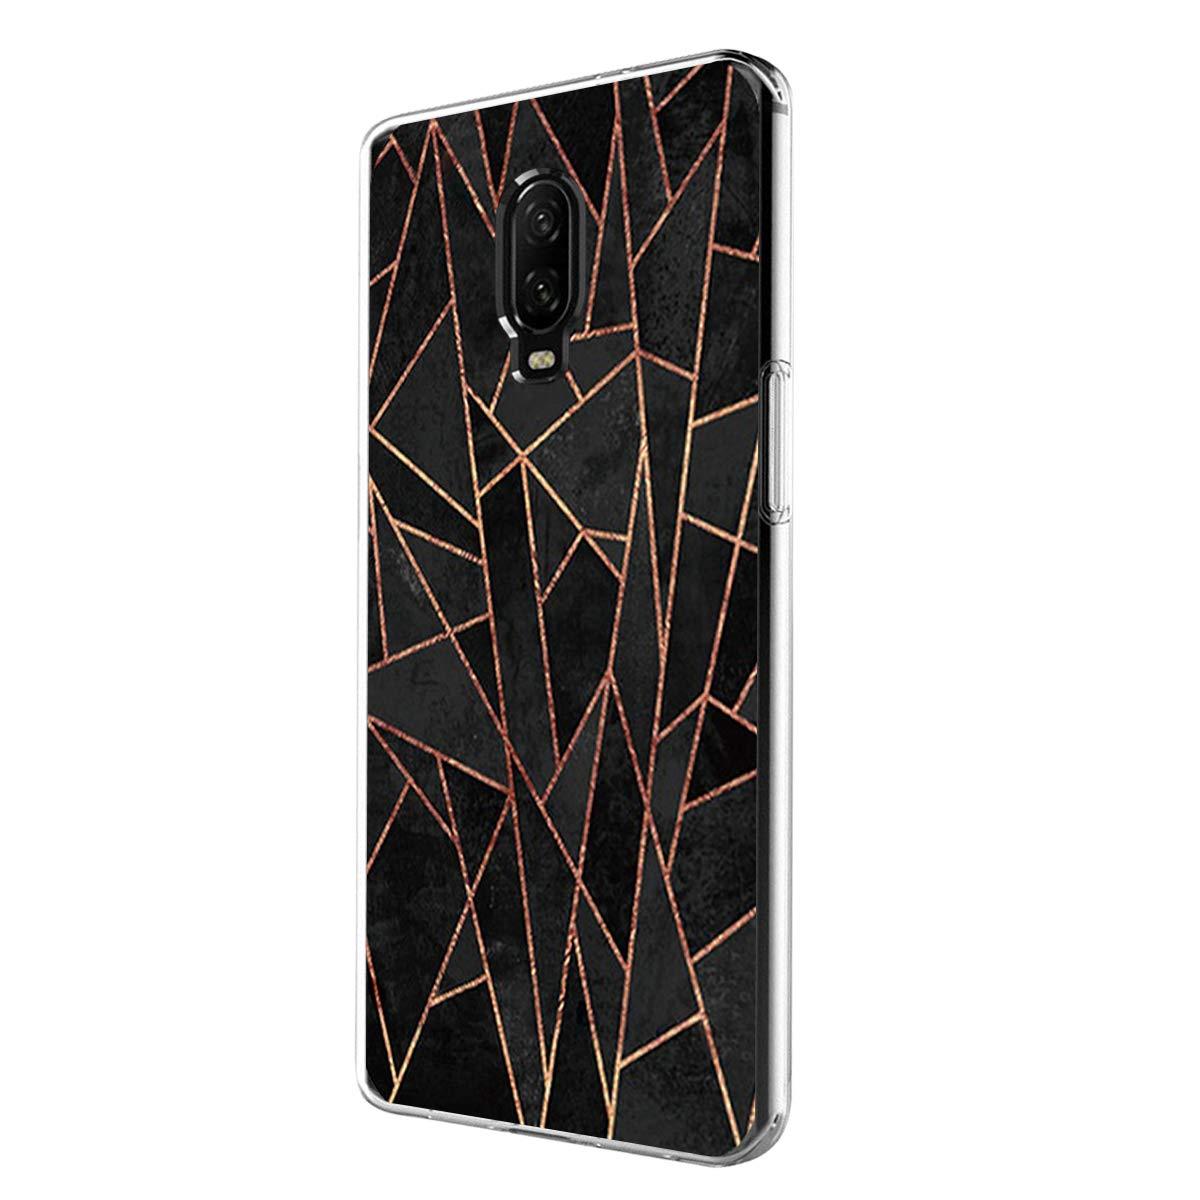 Handyh/ülle Kompatibel f/ür OnePlus 6T//1 6 H/ülle Transparent Kirstall Silikonkasten Anti-Scratch Geometrisches Muster Cover Weiche Schutz OnePlus 6 Case